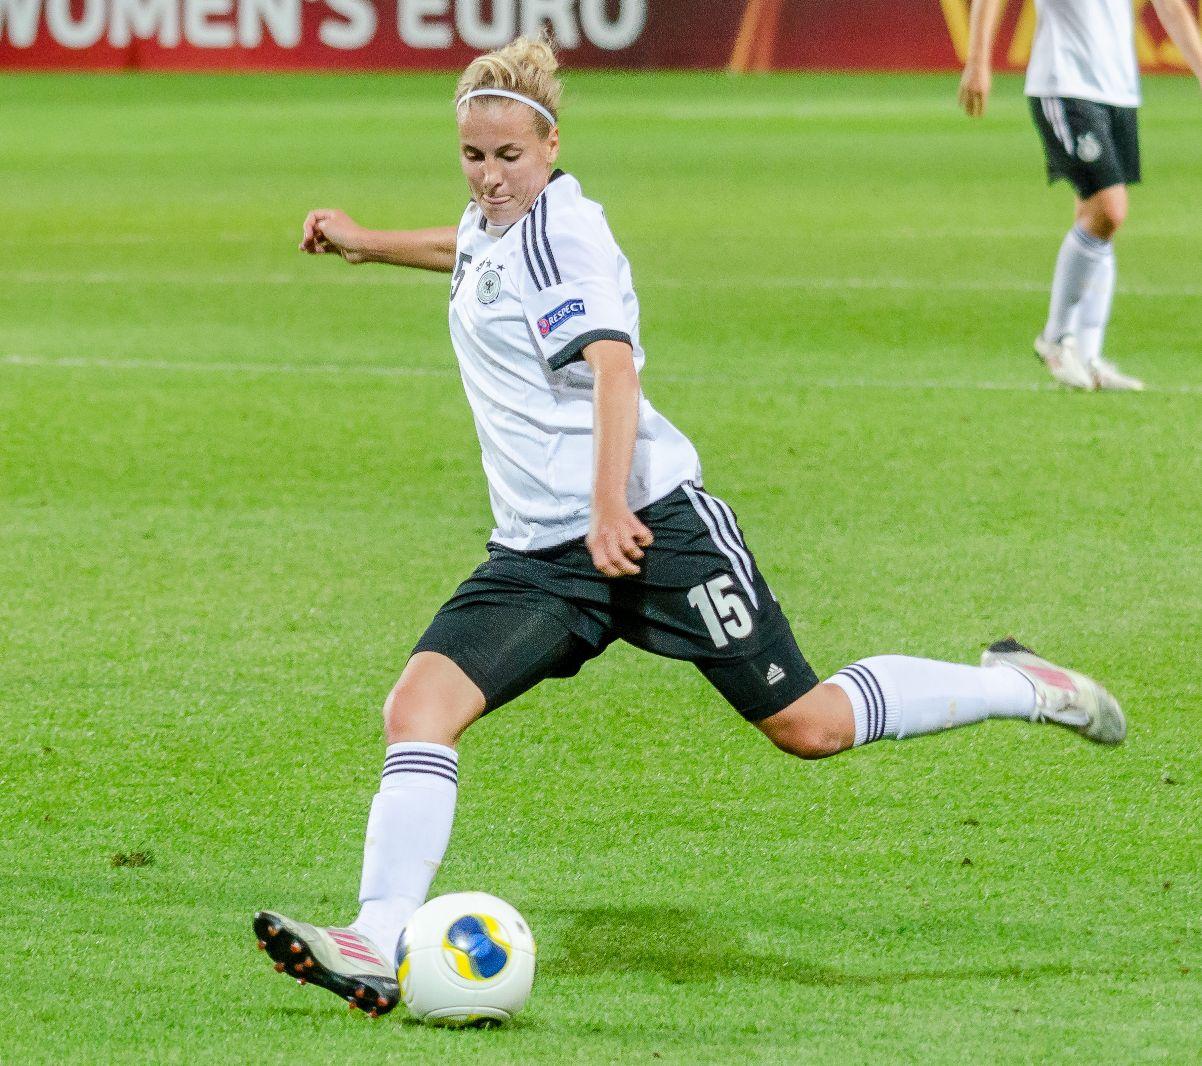 UEFA13_GER_15_Cramer_Jennifer_130714_ICE-GER_0-3_210759_4278